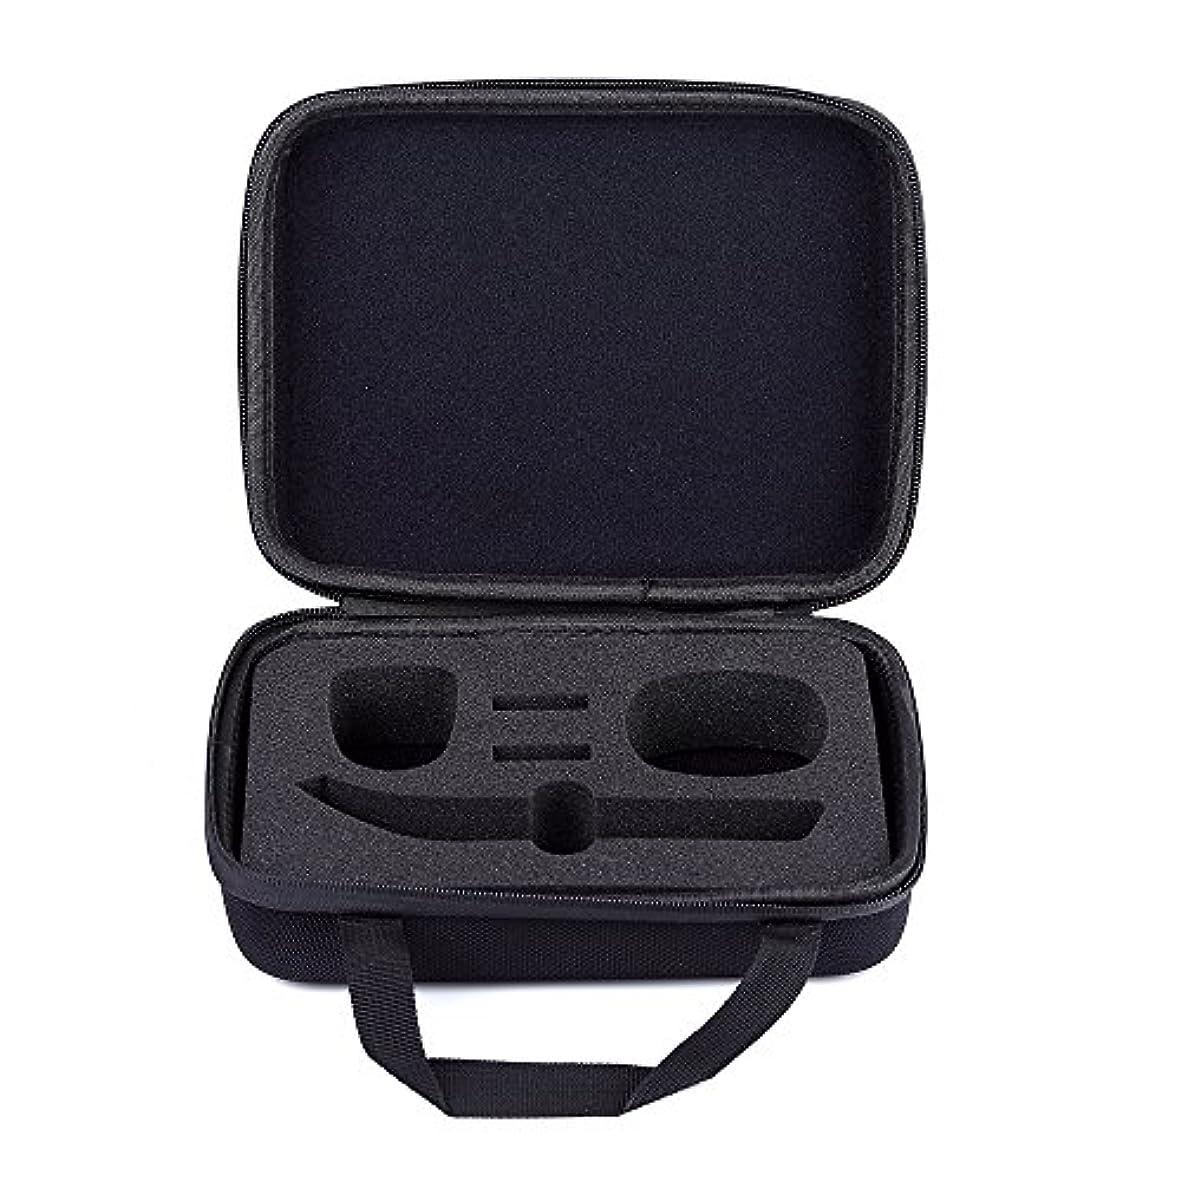 クルーズにもかかわらず手書きNrpfell トラベルのハードバッグ、携帯用ケース、Norelco Oneblade Pro用、転倒防止、防水、実用的なPhilipsシェーバー用の収納ボックス